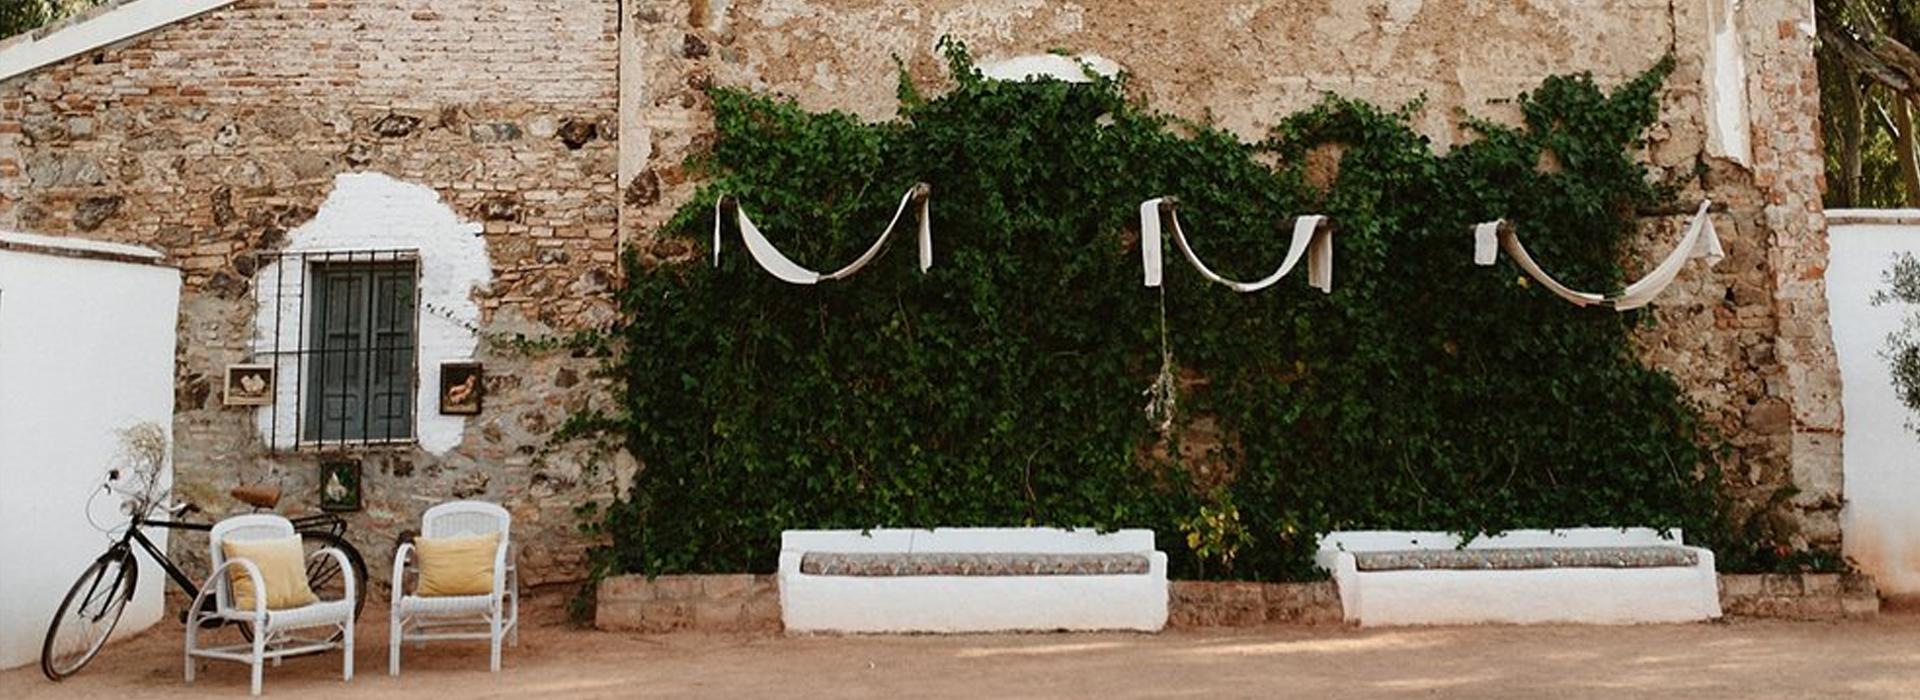 bodas-y-eventos-y-cordoba-2